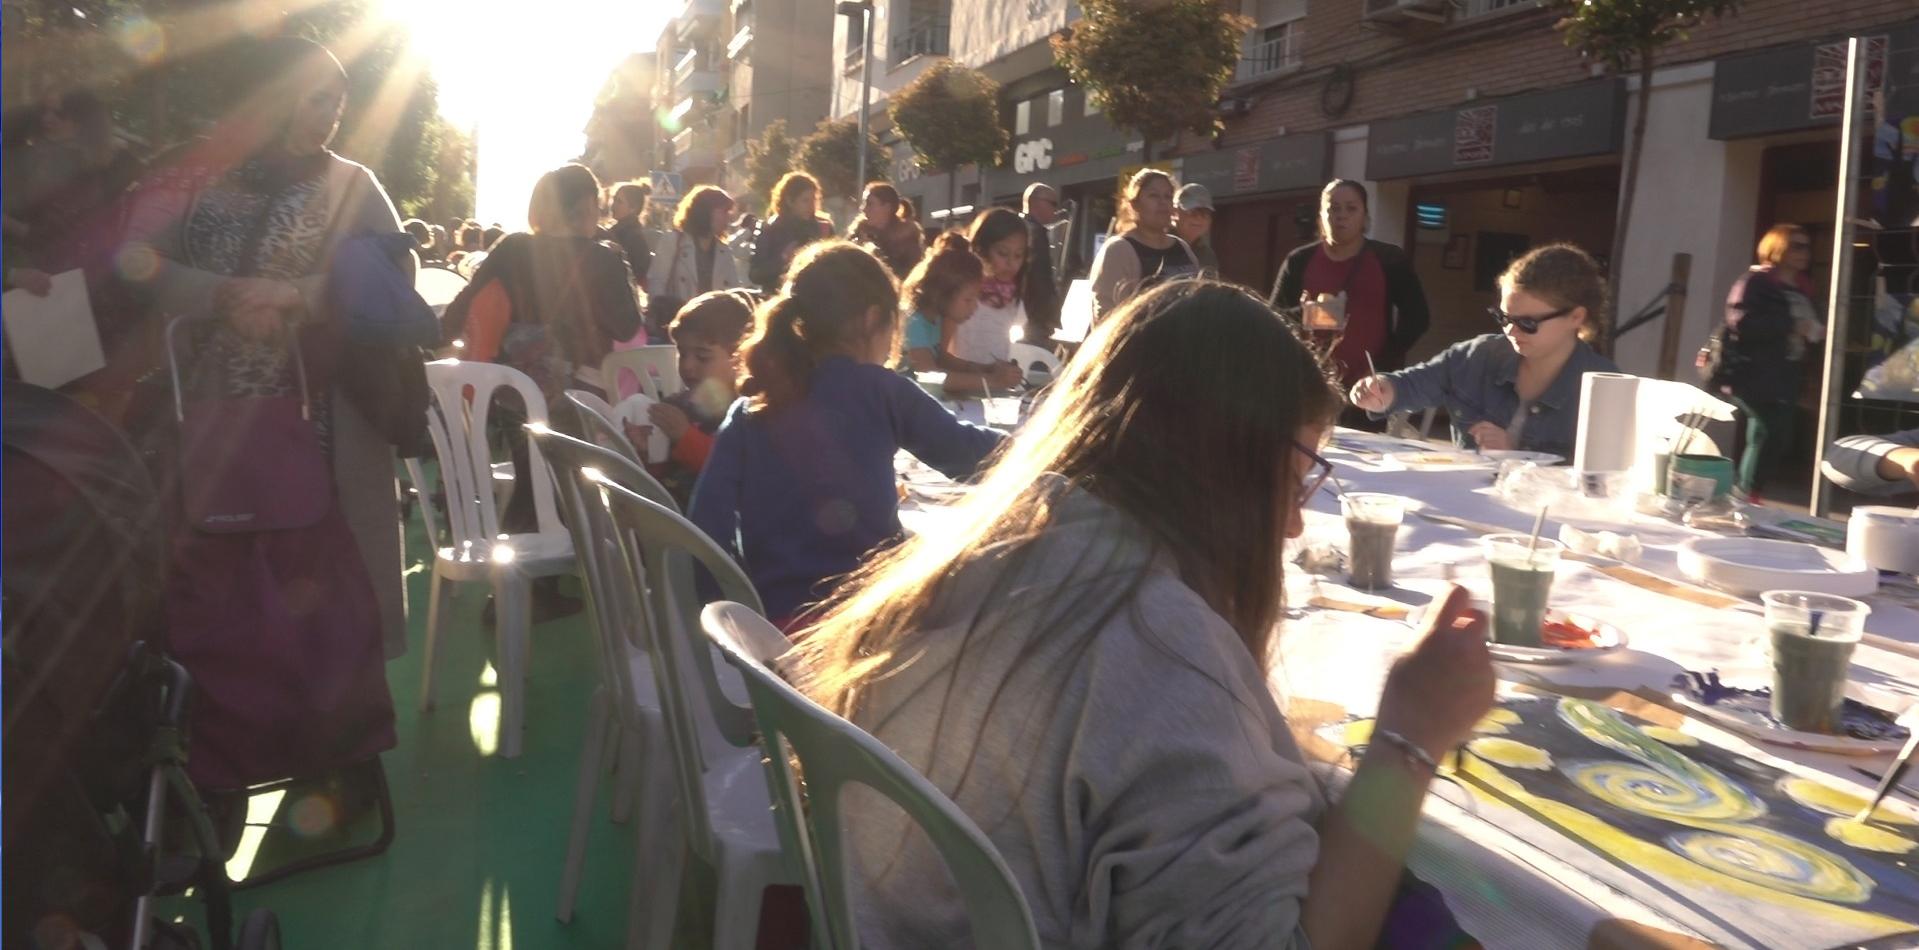 Cornellà Se Llena De Arte Durante El Día De La Creatividad